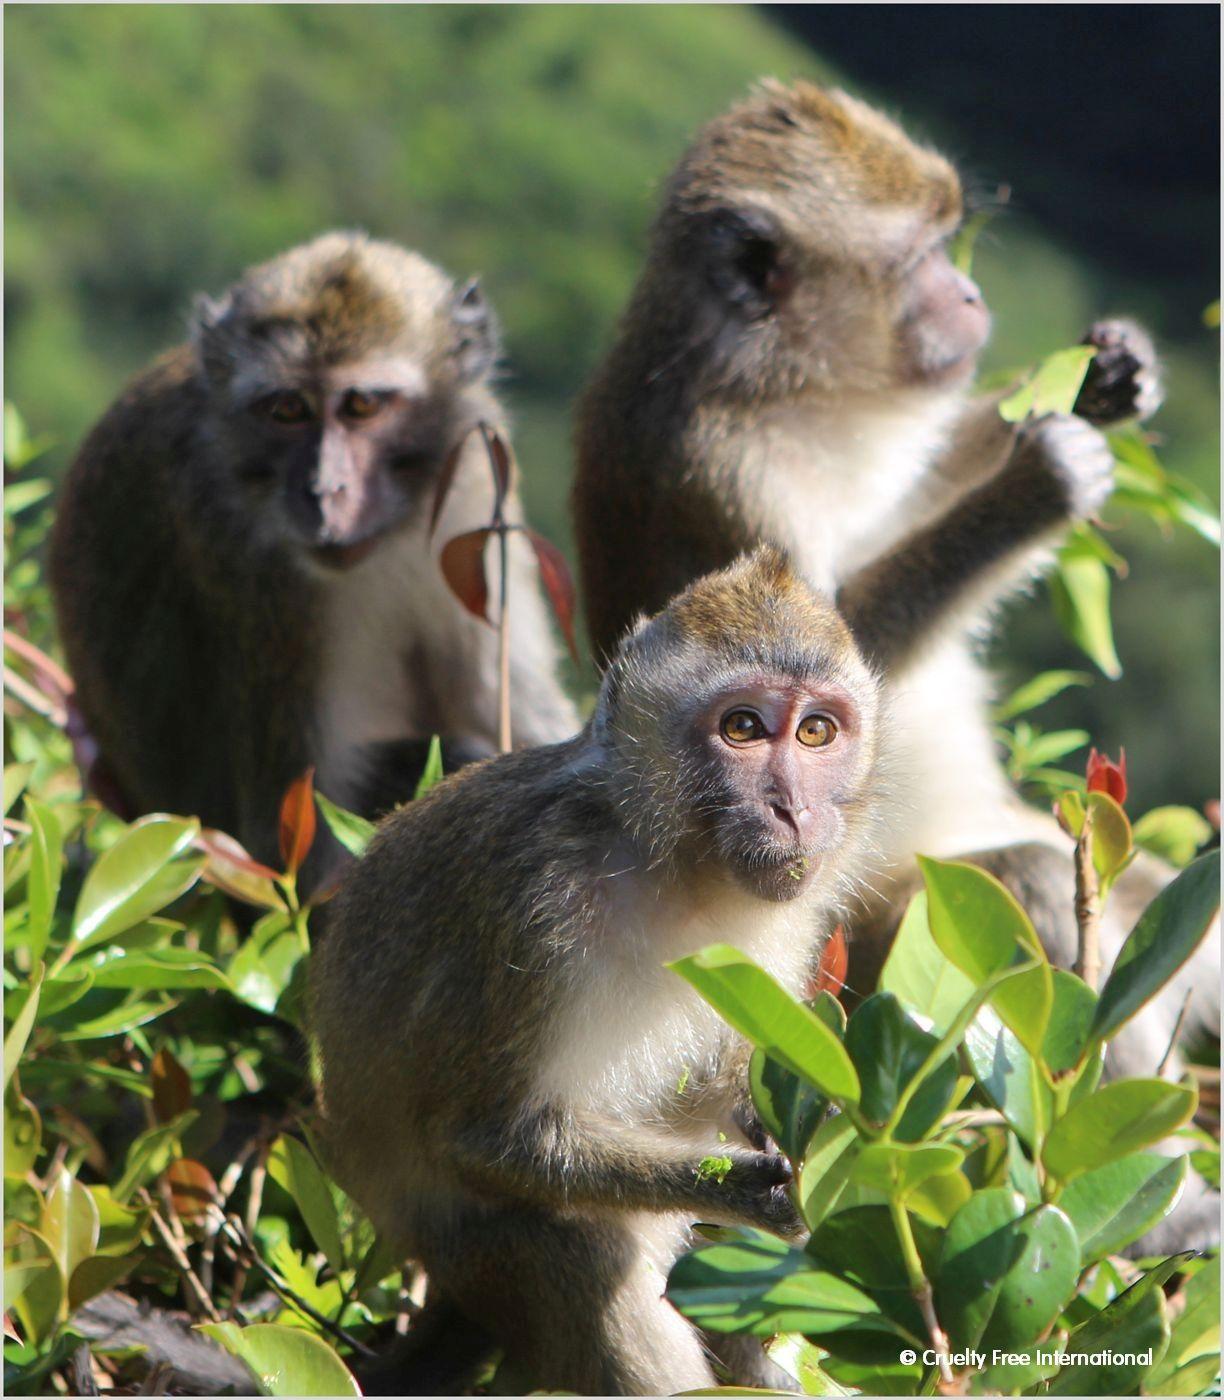 CFI_Mauritius_monkeys_in_field.jpg